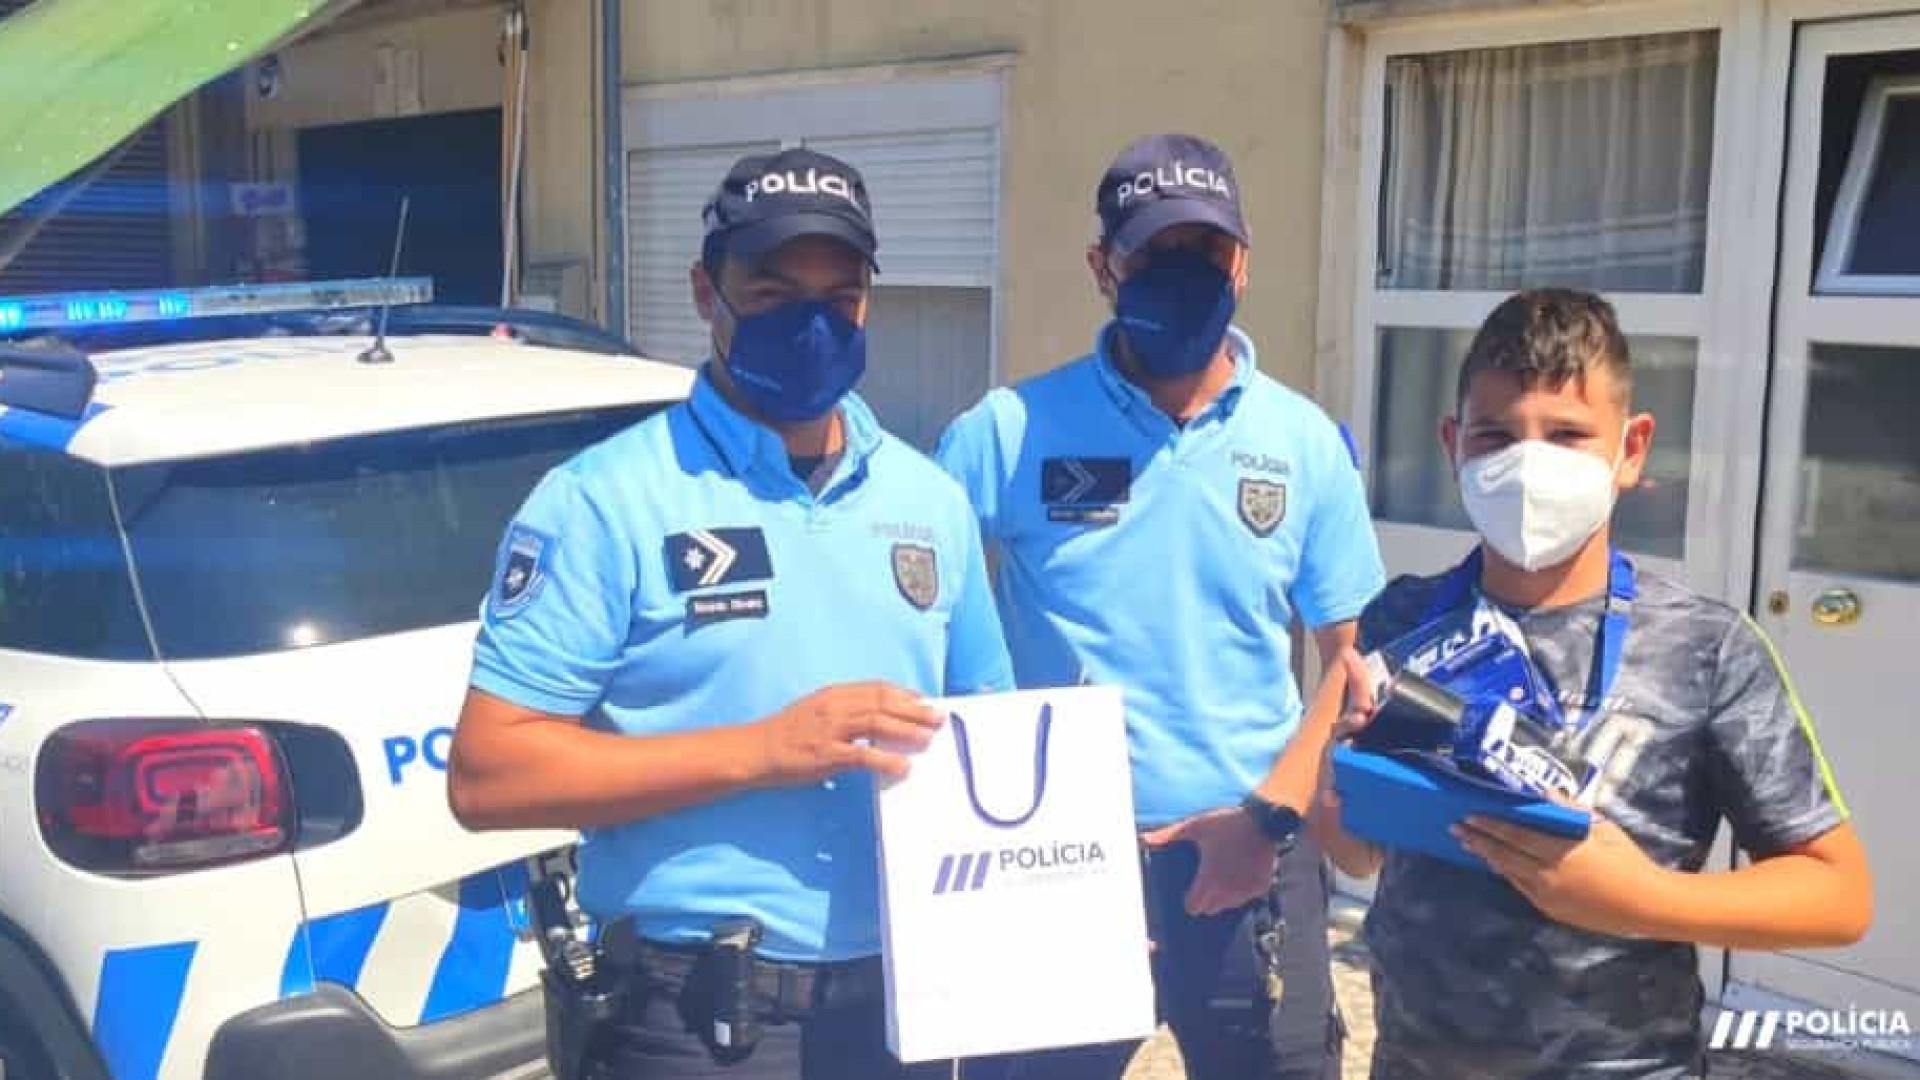 """""""Ama a PSP"""". Polícia faz surpresa e visita menino no aniversário"""